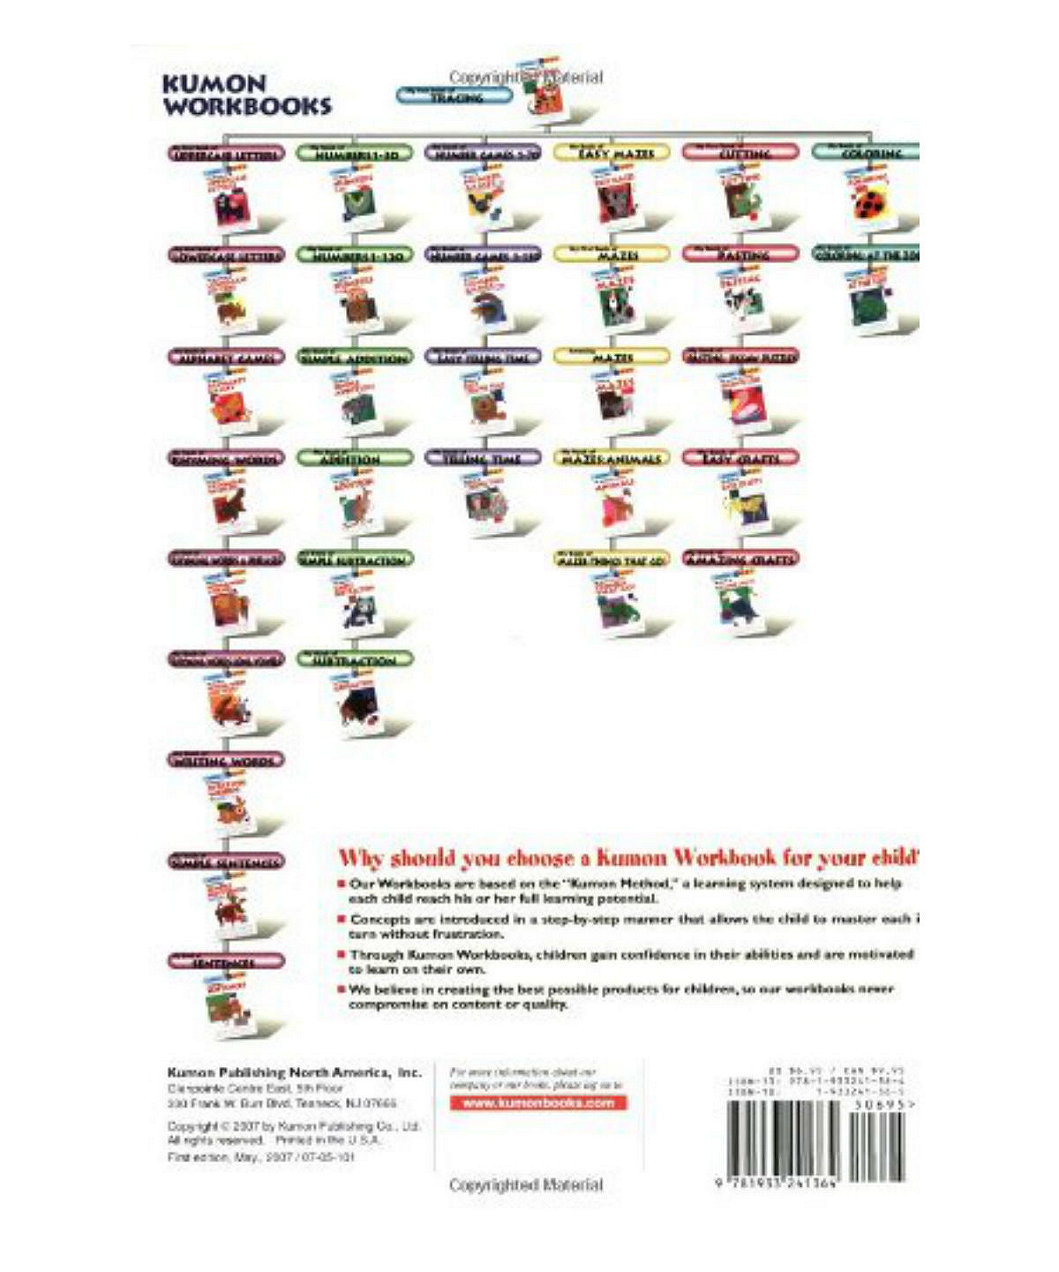 Workbooks buy kumon workbooks : Kumon My Book of Alphabet Games - Books - By Type - GIFTS